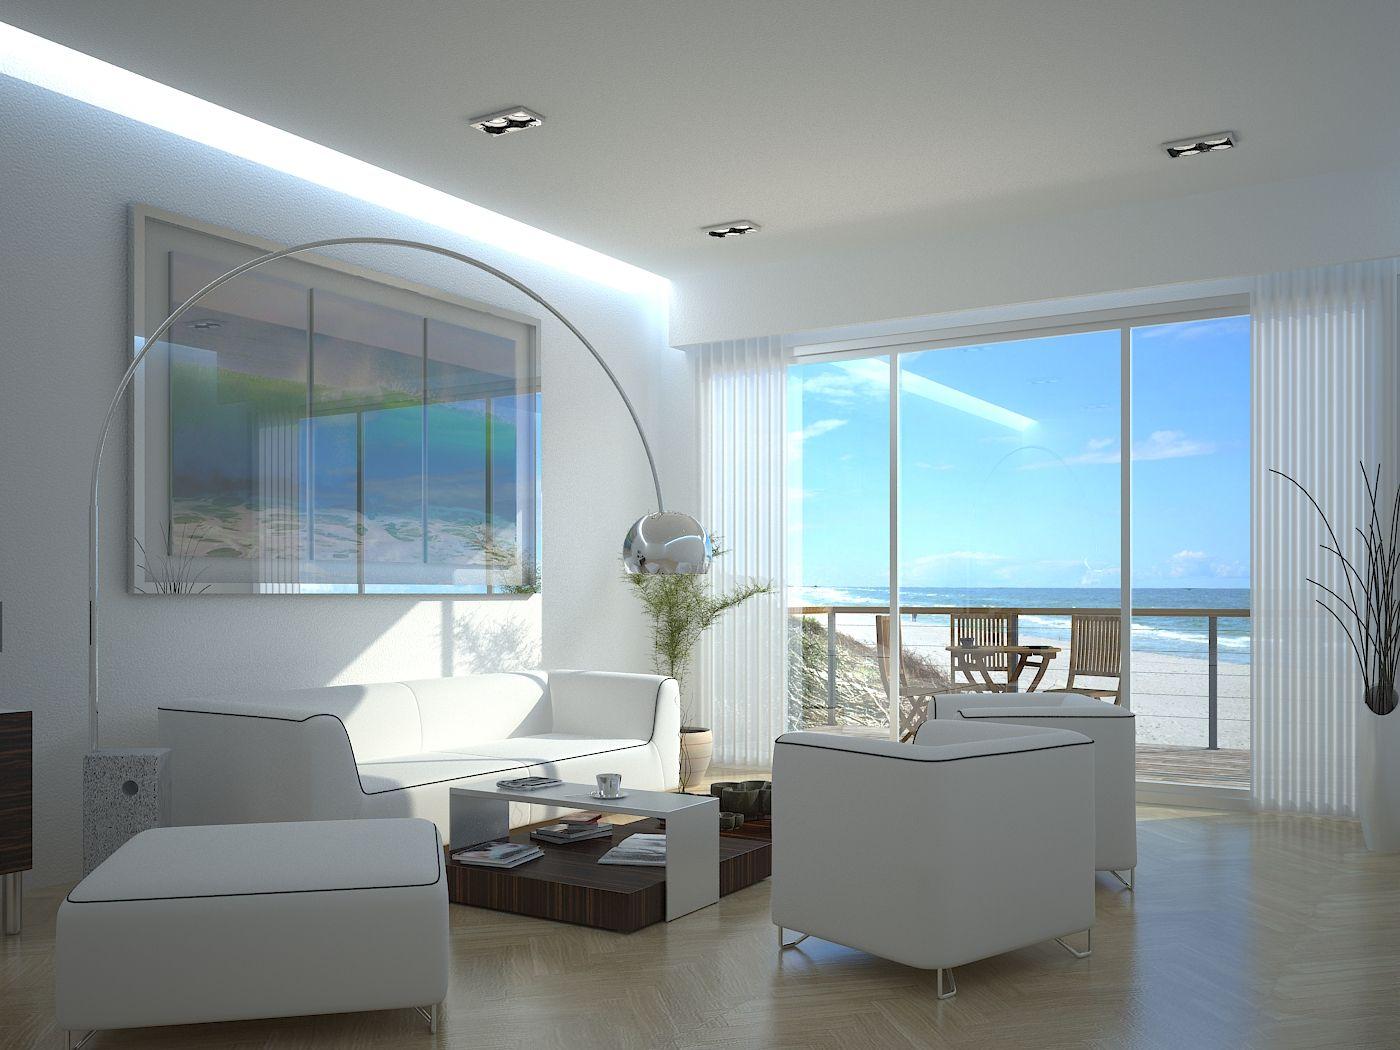 A dreamiest wants a house with breathtaking ocean island for Beach house ideas uk